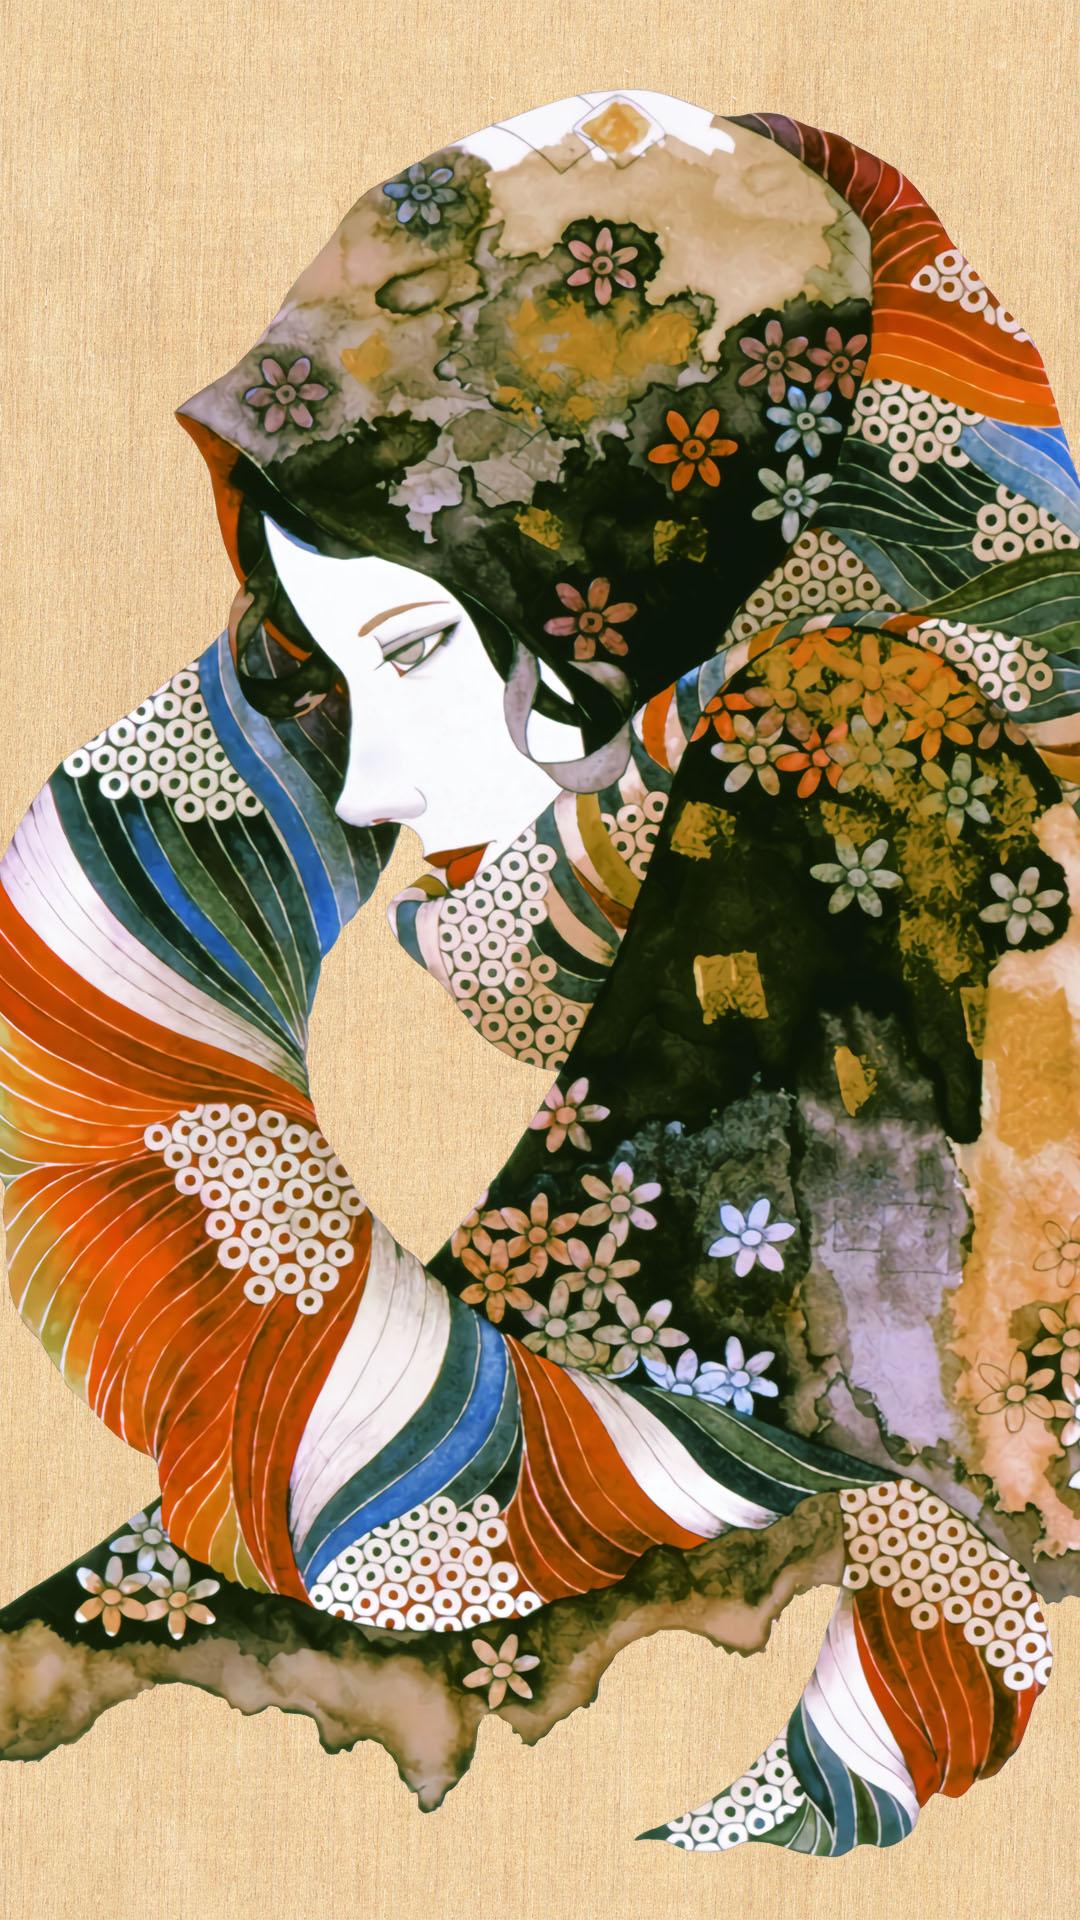 Yonekura Masakane Hana no scarf wo sita onna 1080x1920 2